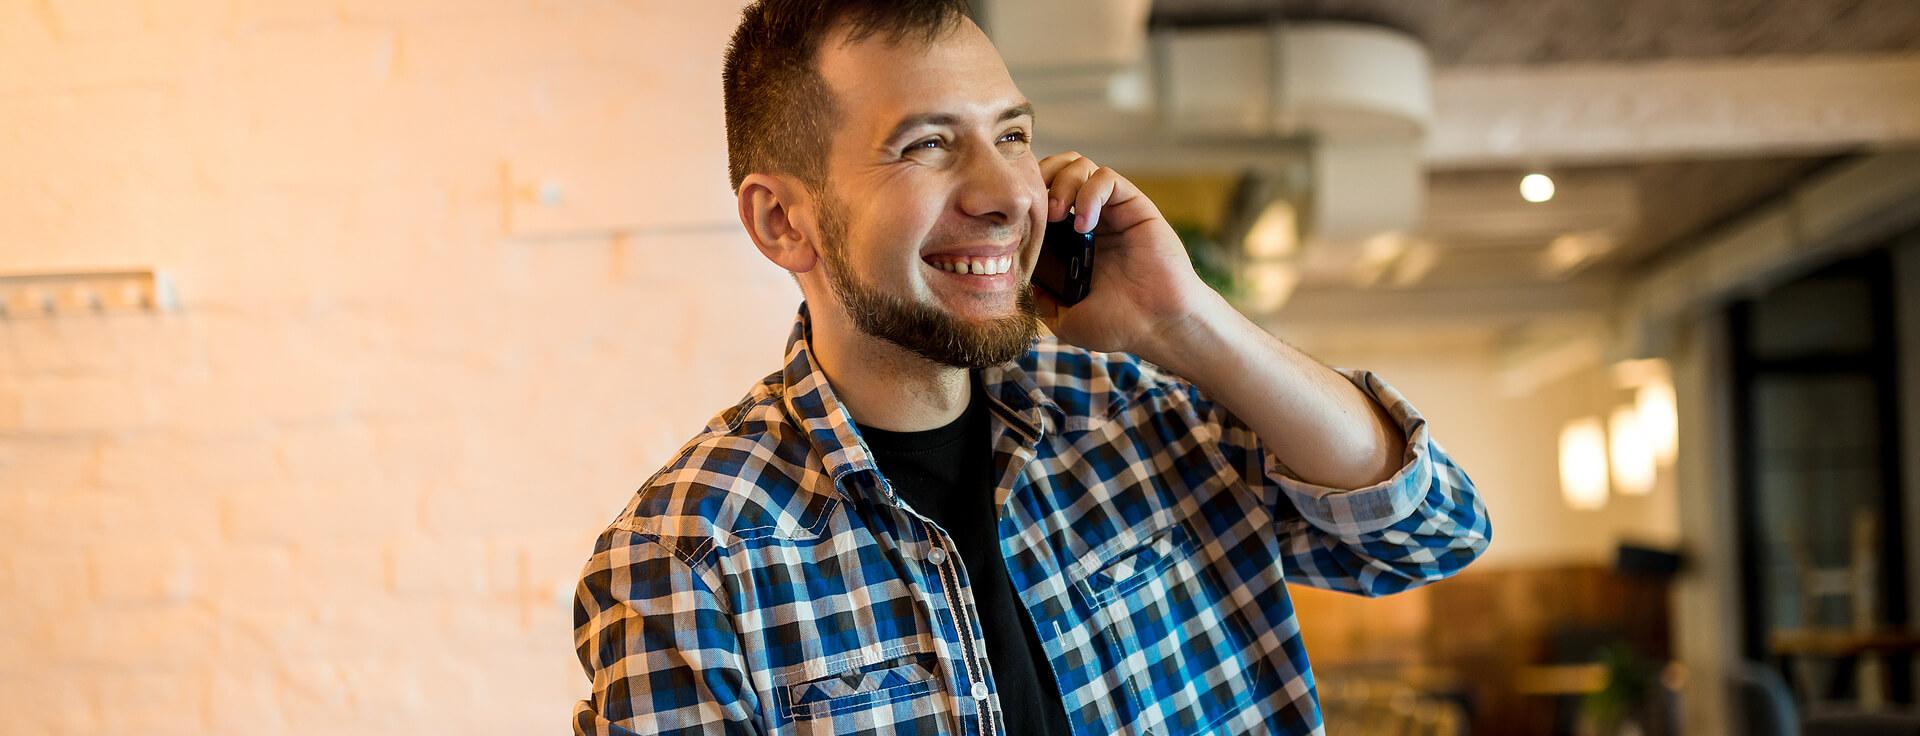 Homem sorrindo e falando no celular